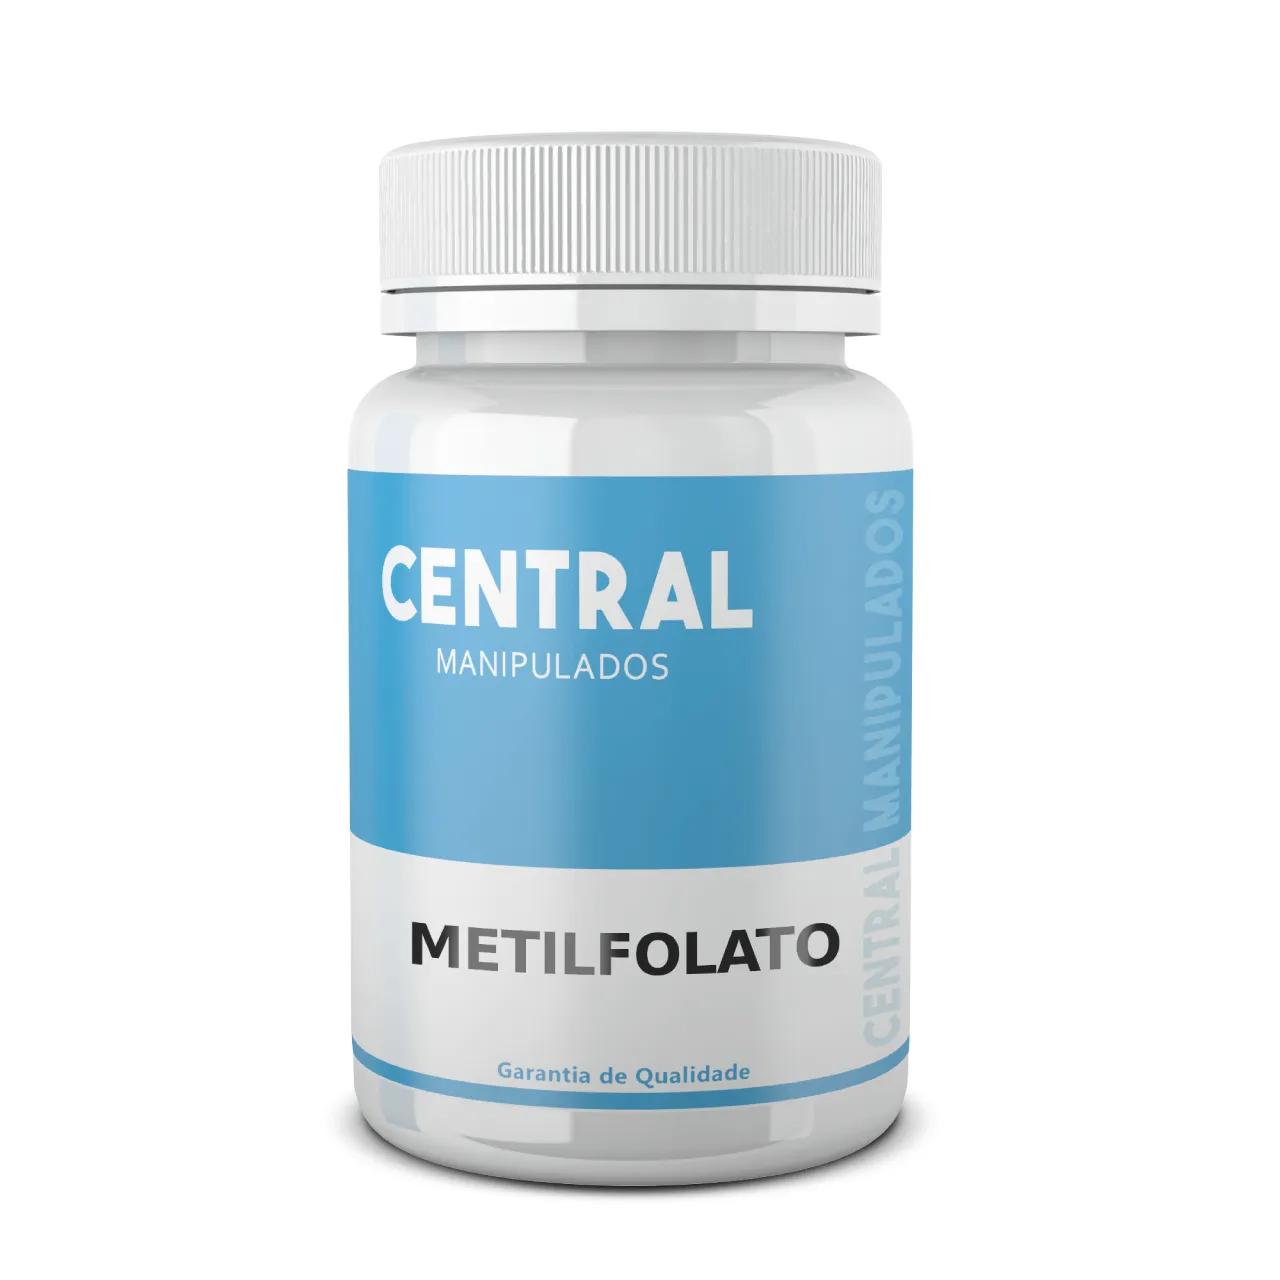 Metilfolato 1.000 mcg - 60 cápsulas - Forma Ativa do Ácido Fólico, Antidepressivo, Tratamentos de doença cardiovascular, Desintoxicante